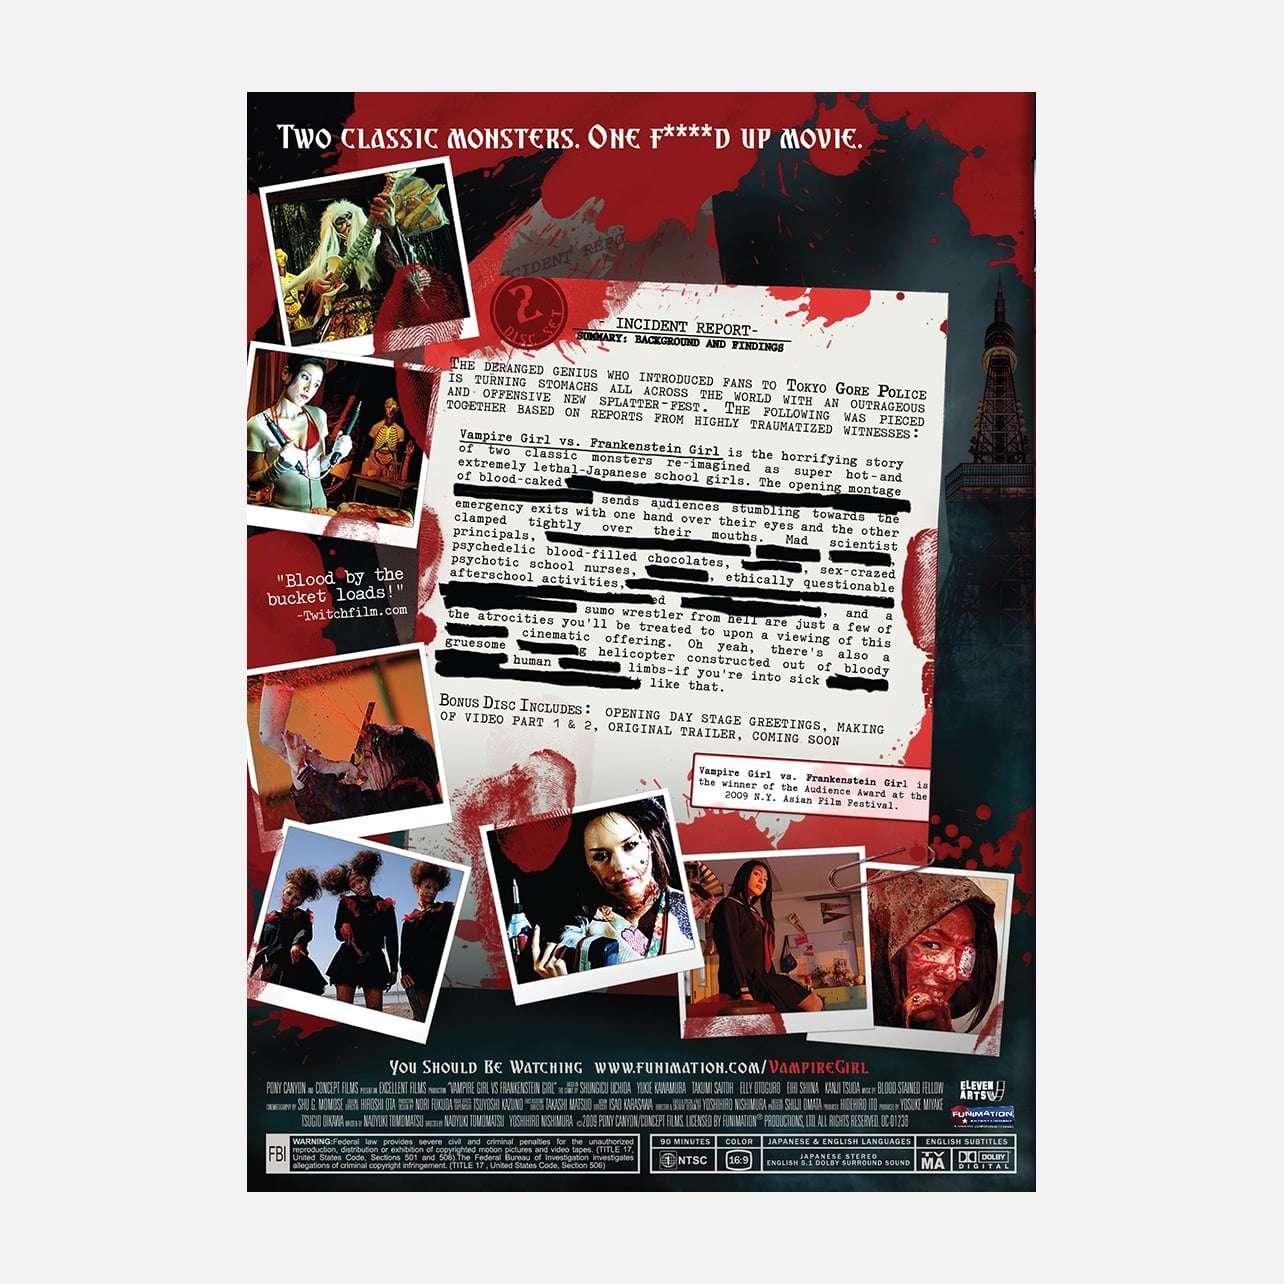 Vampire Girl vs Frankenstein Girl - The Movie | Home-Video